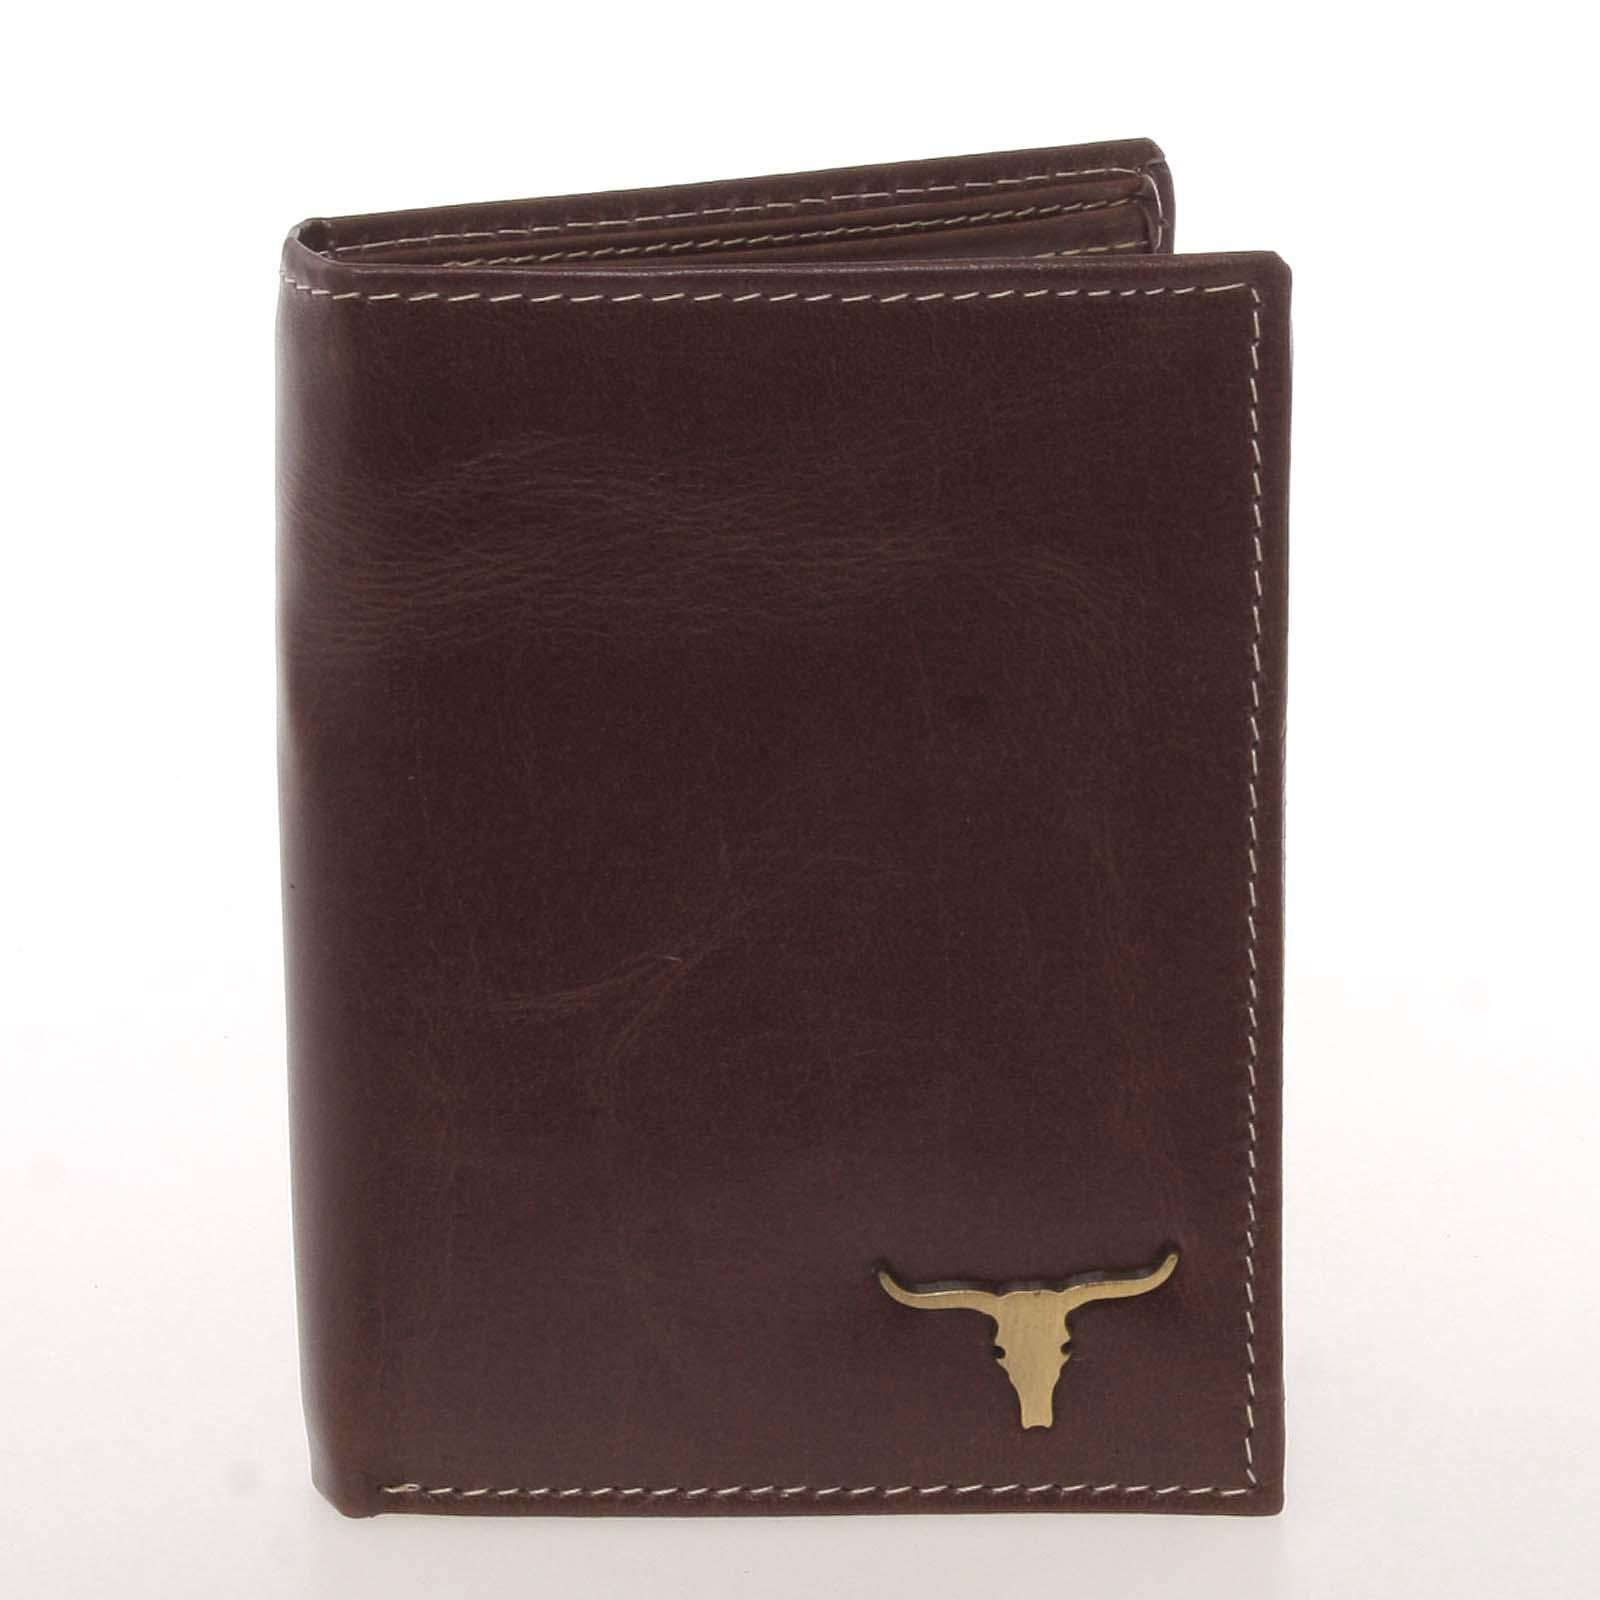 Kvalitní pánská kožená hnědá peněženka - BUFFALO Paden